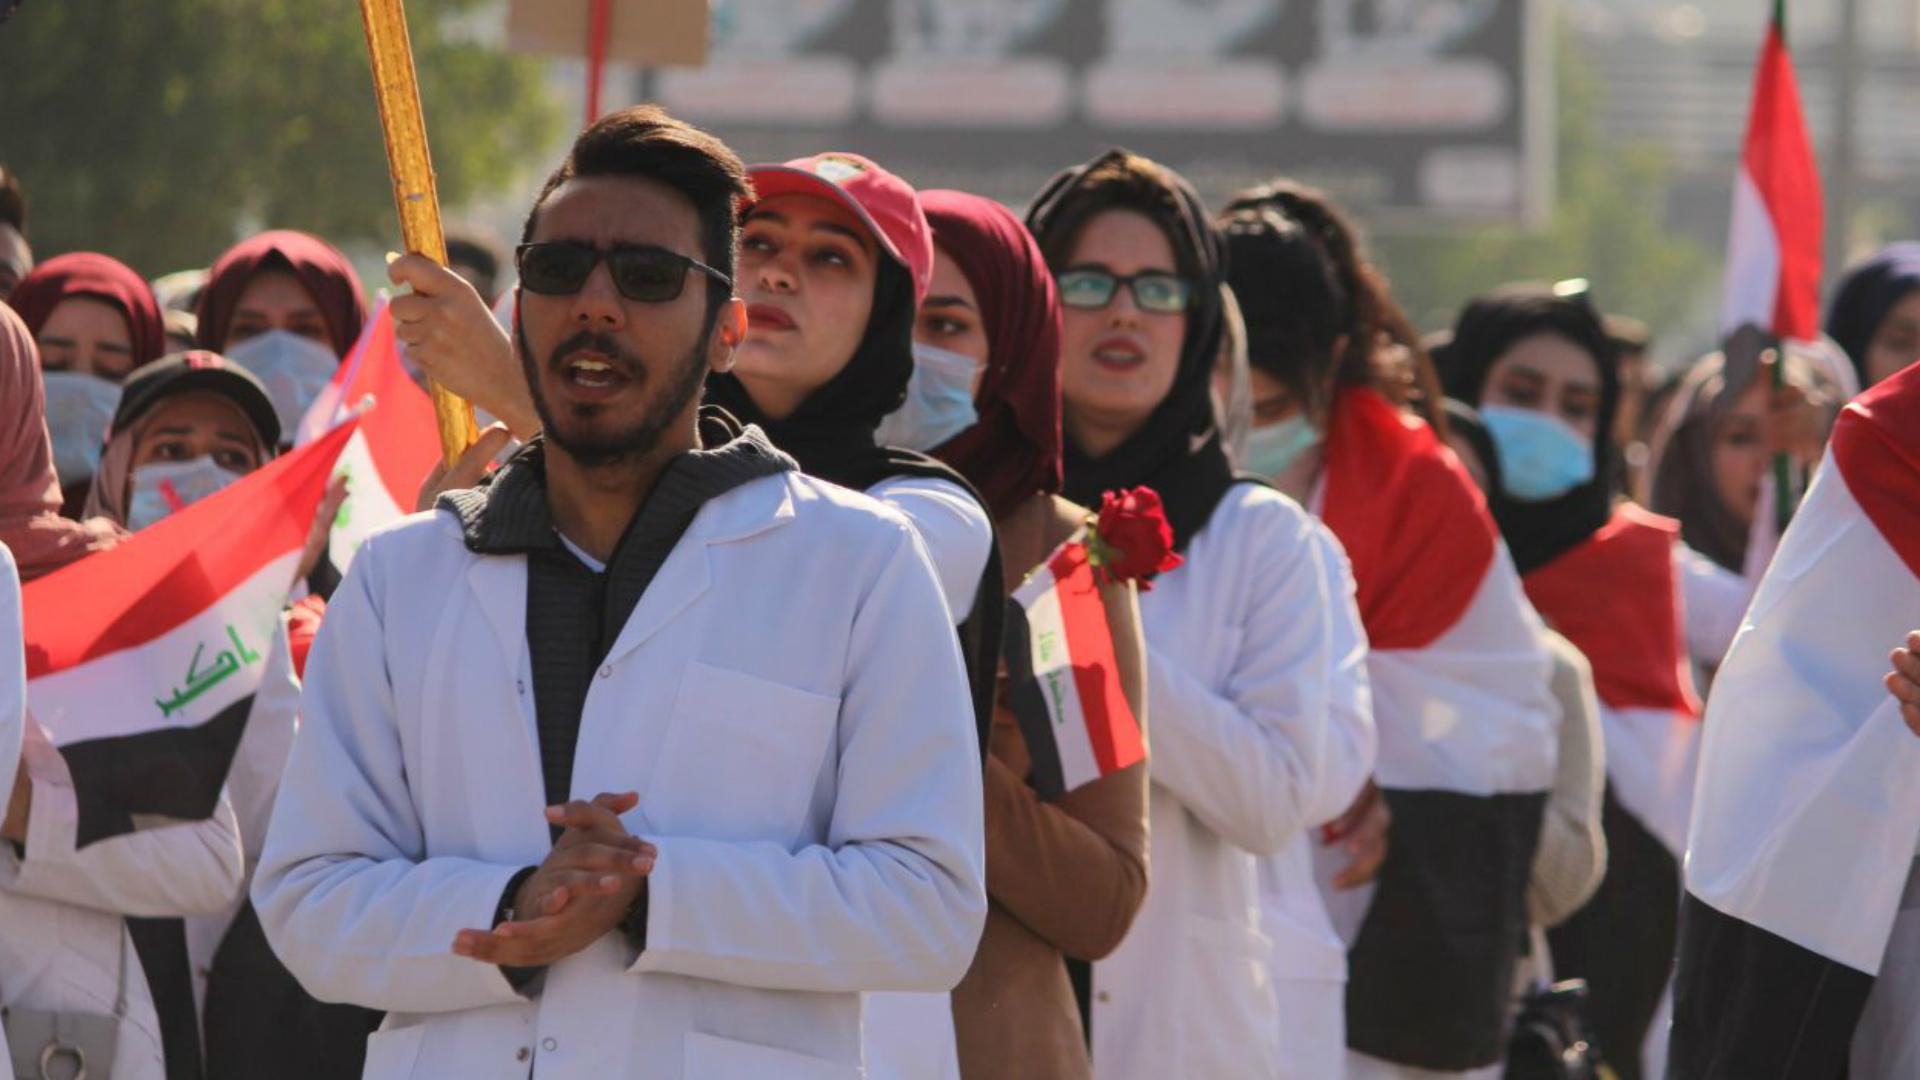 مسيرات حاشدة في الجنوب رفضاً لمرشحي الأحزاب لرئاسة الوزراء